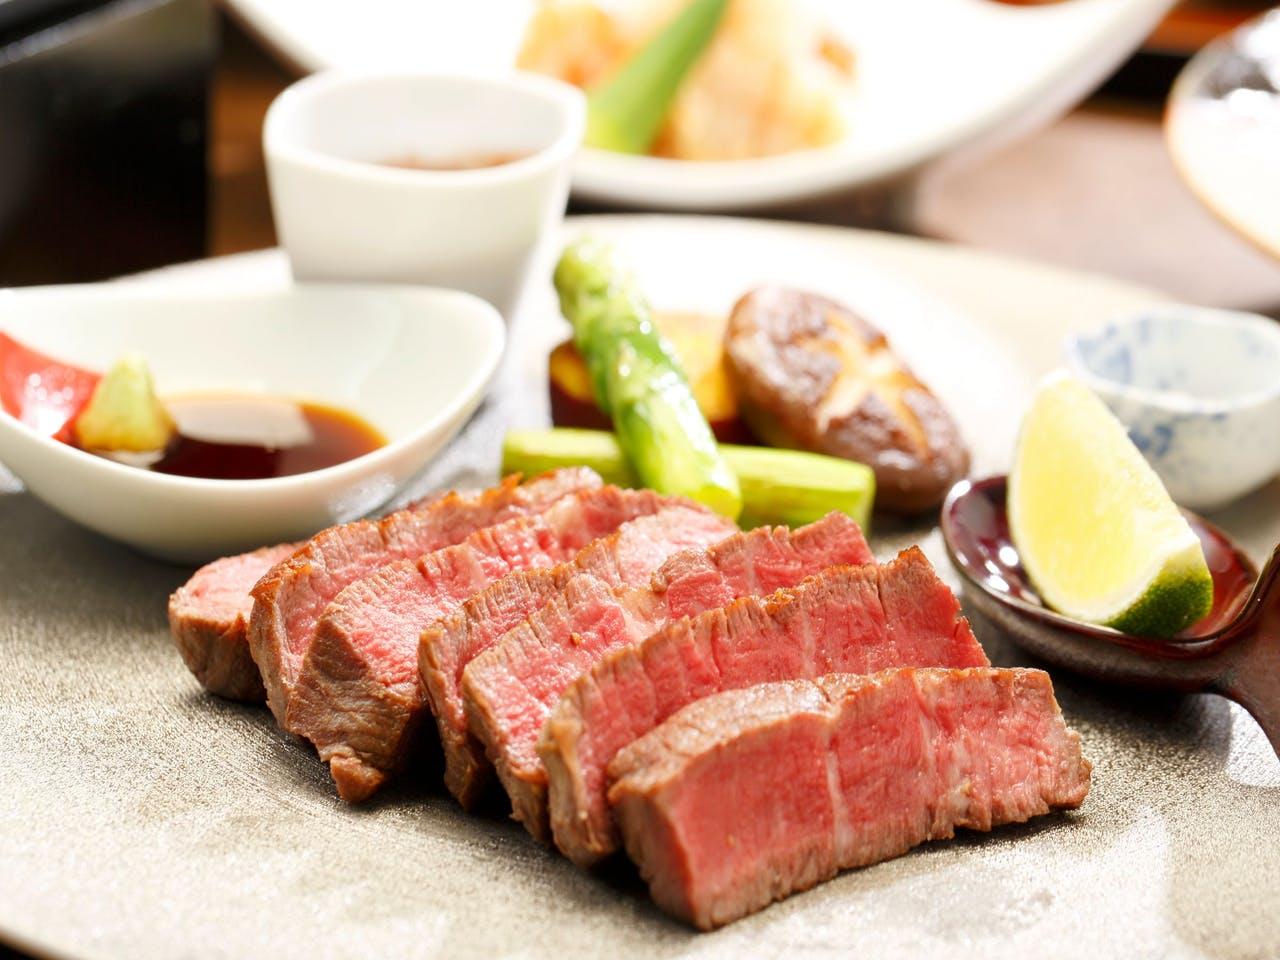 ワインとのペアリングを楽しむ創作日本料理